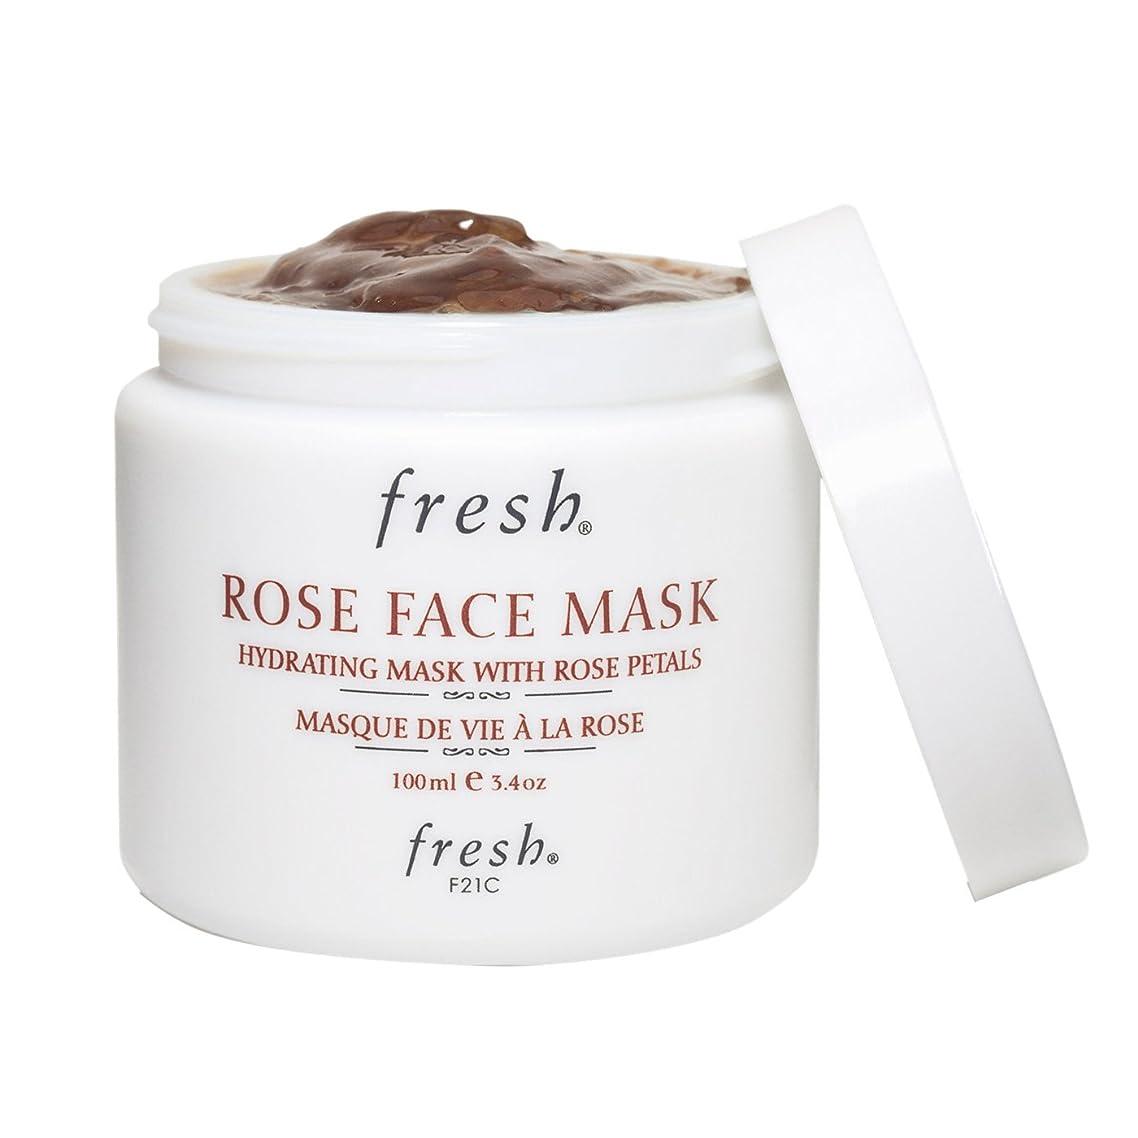 収入振幅コンセンサスフレッシュ ローズフェイスマスク(Fresh ROSE FACE MASK) 100ml(3.3oz)[並行輸入品]